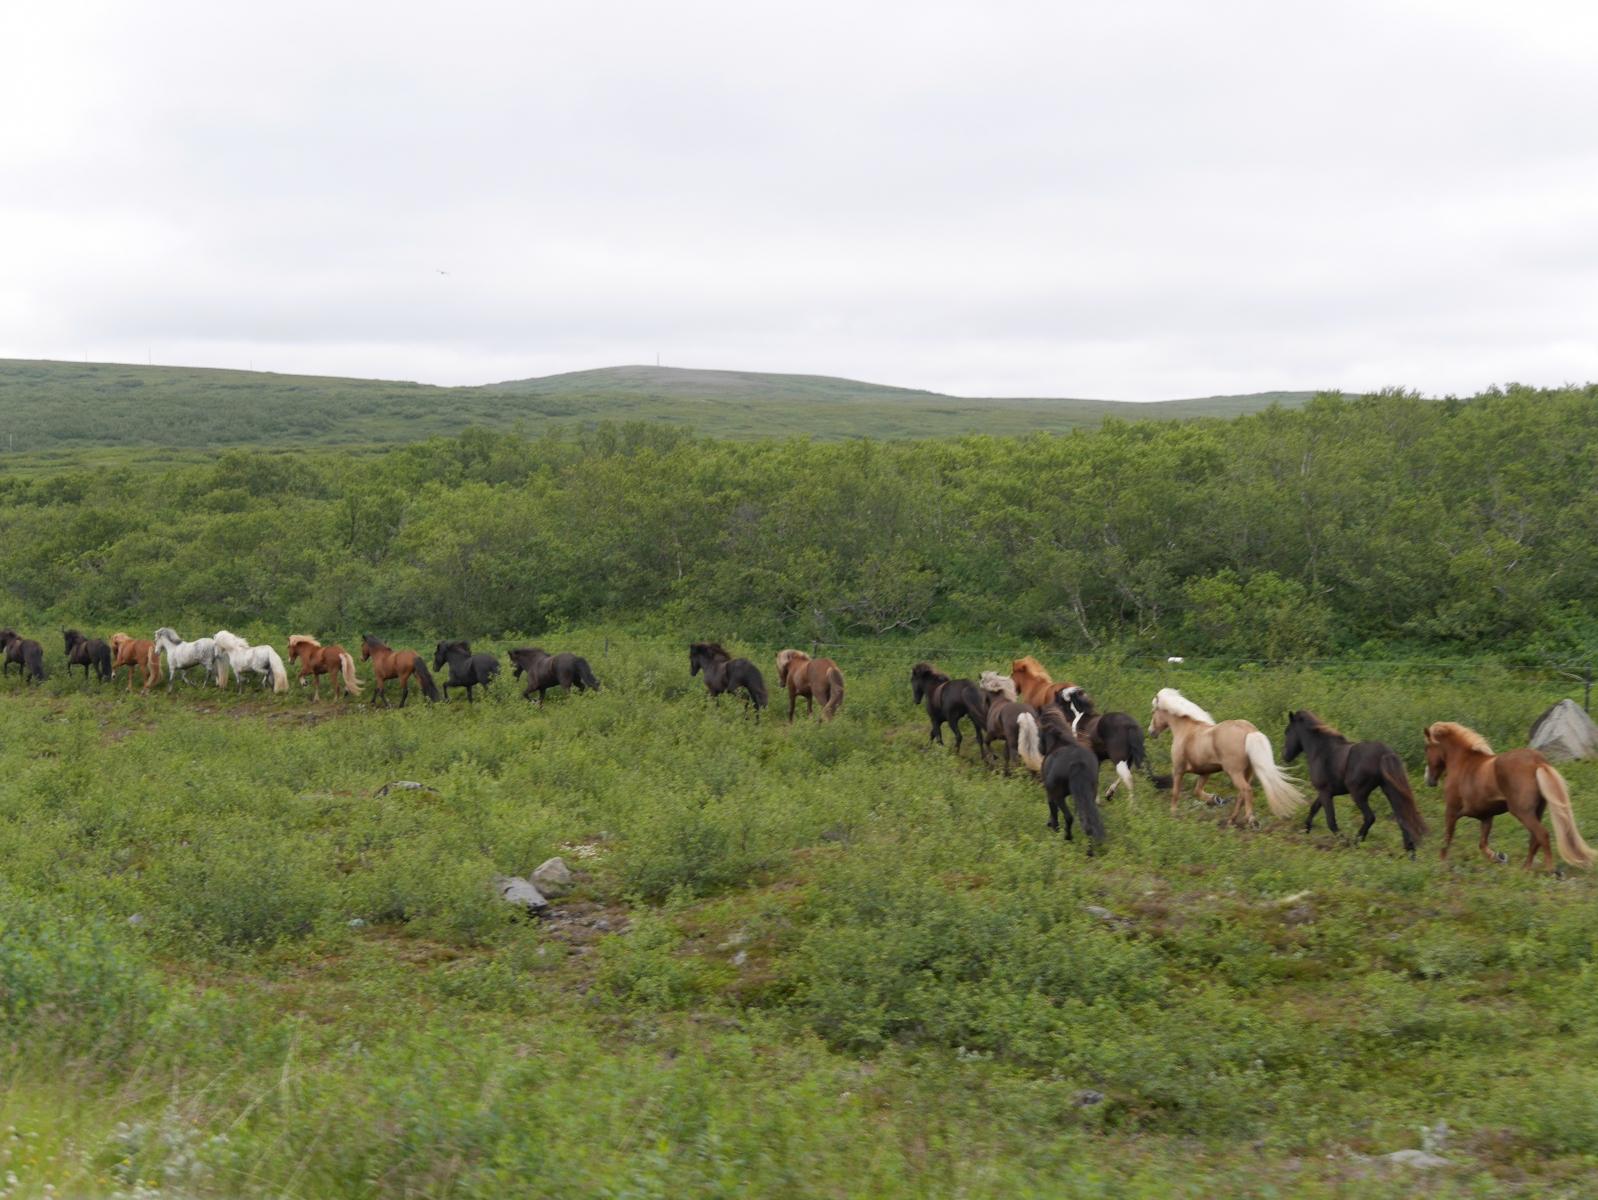 Eine Gruppe von Reitern, die gemeinsam mit einer freilaufende Herde reiten.